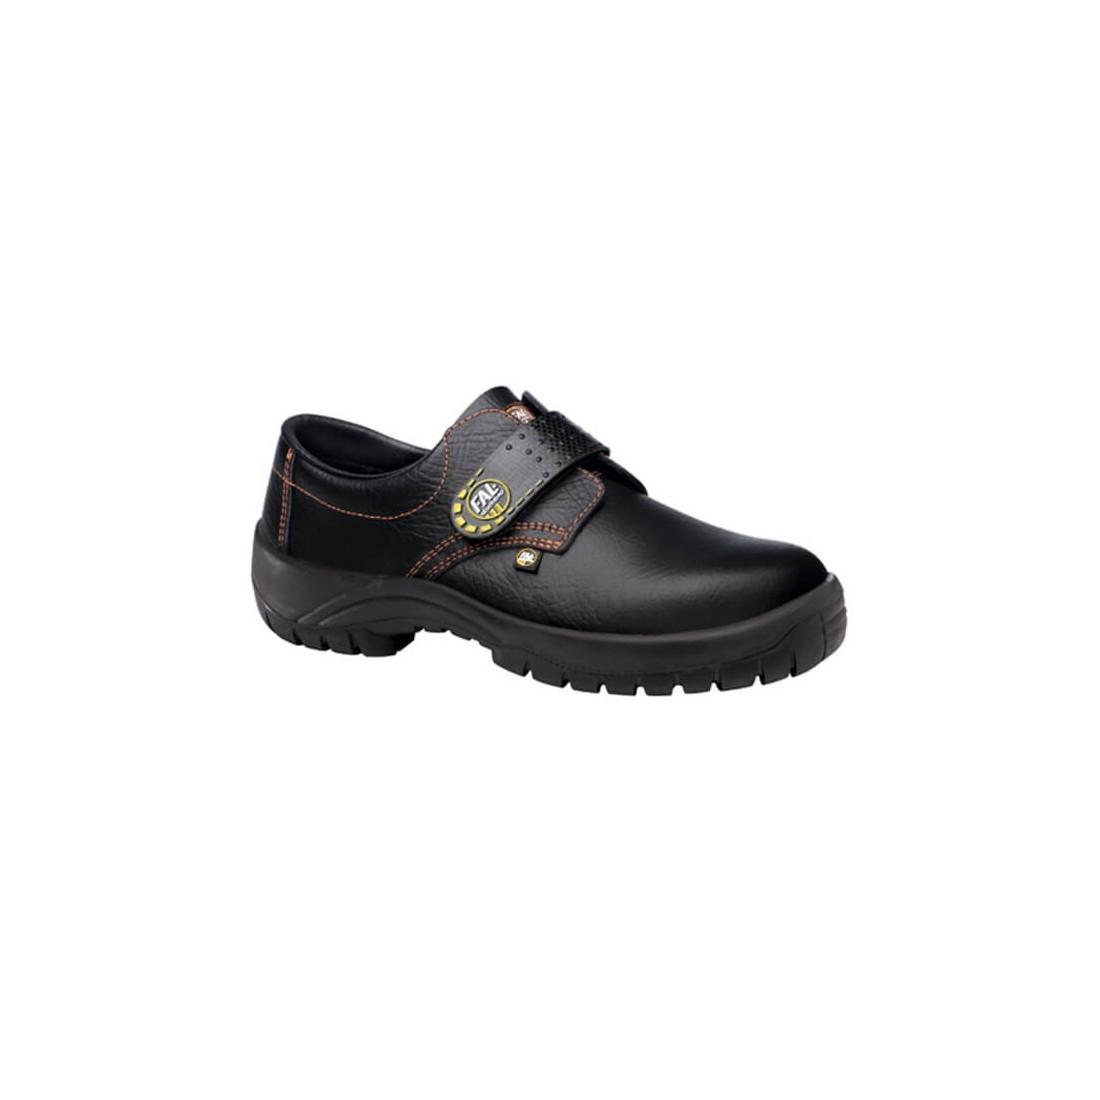 Zapato de seguridad Omega Top